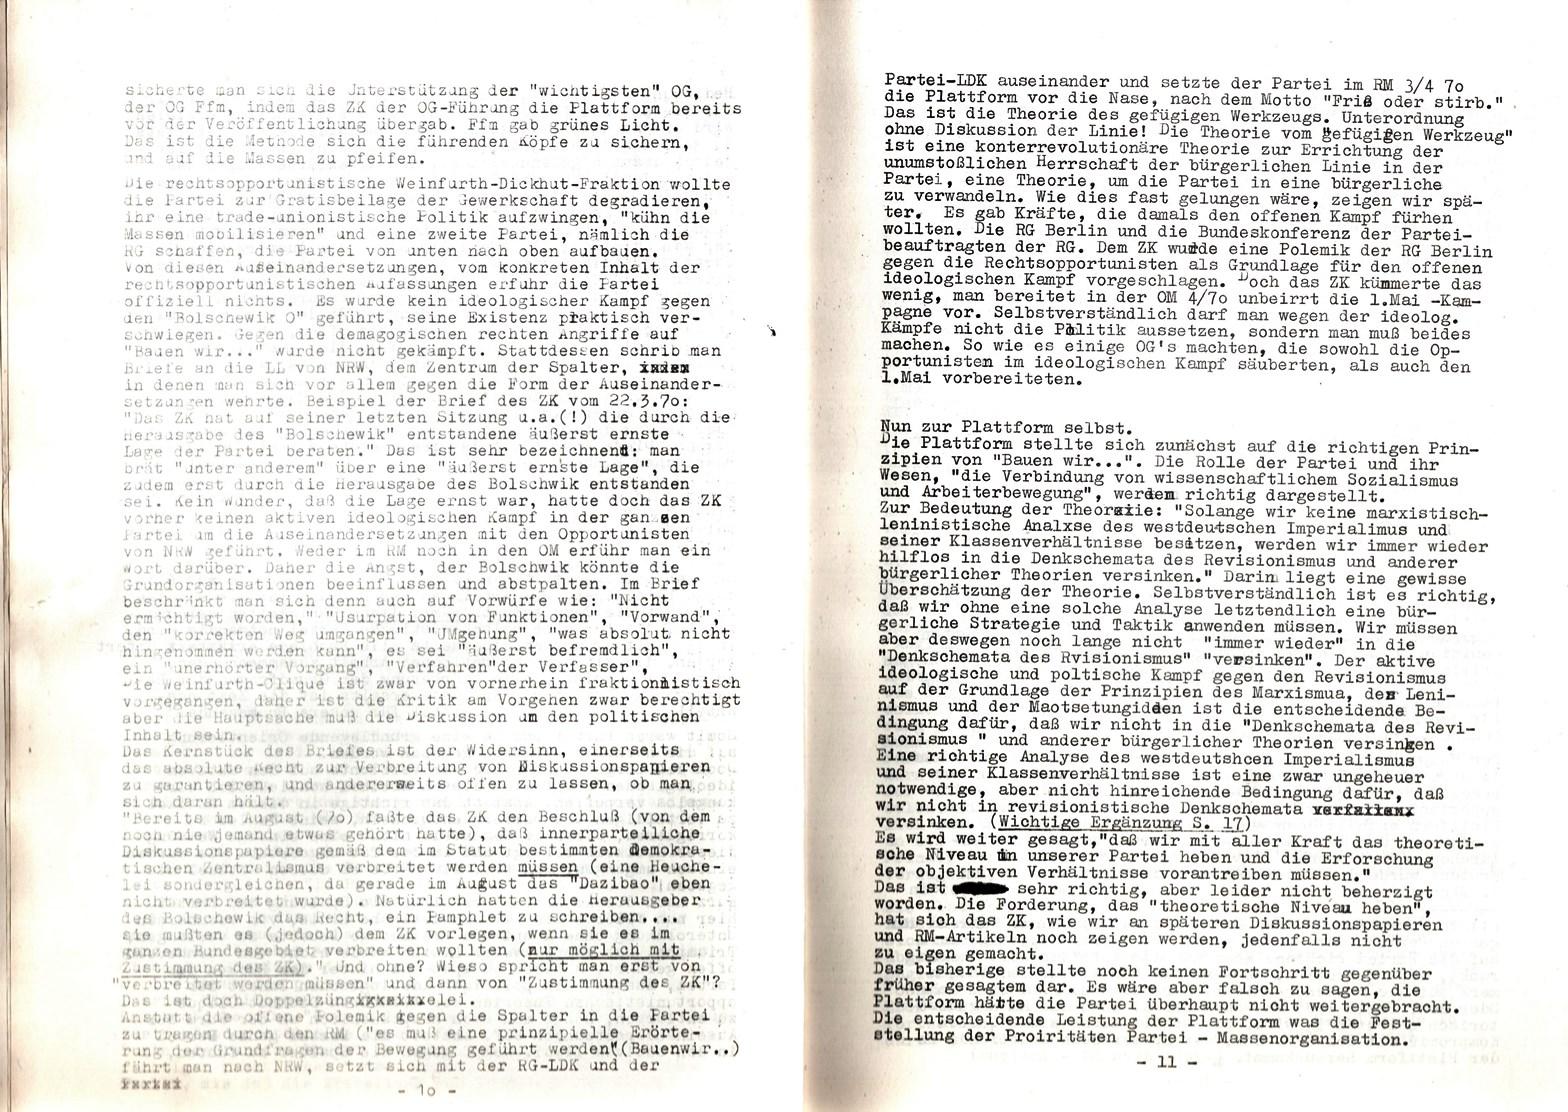 KPDML_1971_Analysen_und_Antraege_des_LV_Sued_West_010